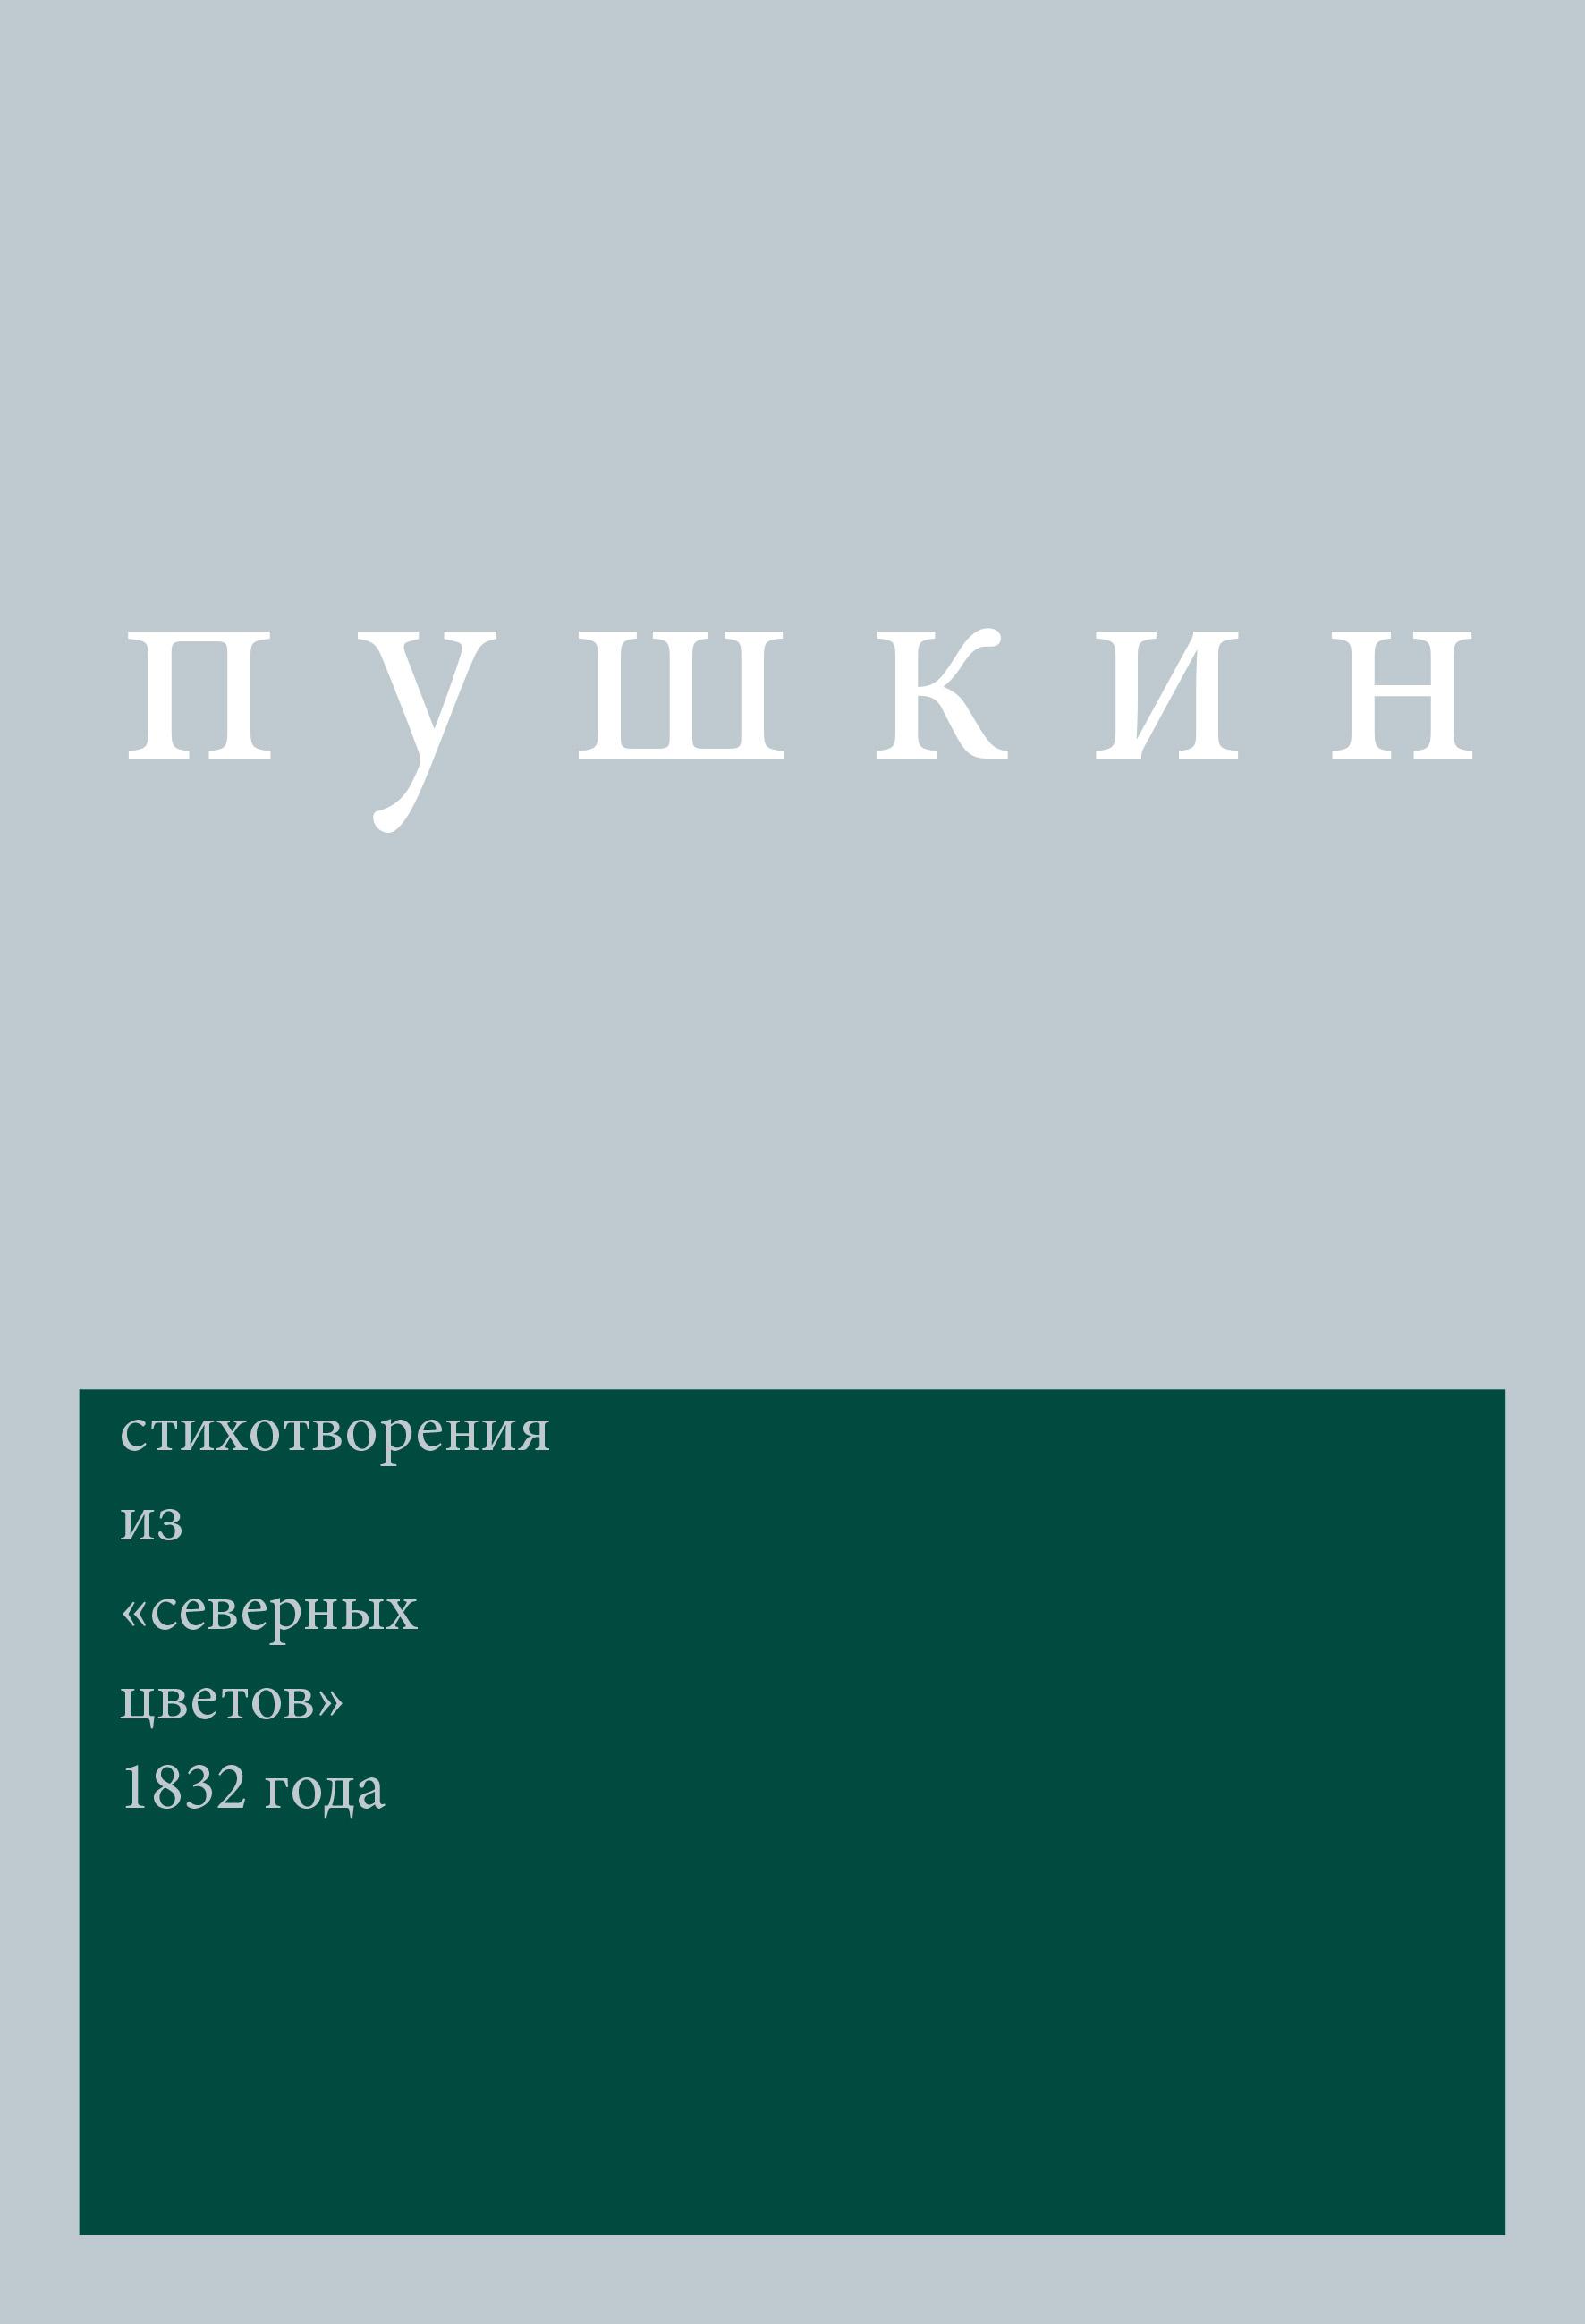 Сочинения. Комментированное издание. Выпуск 3. Стихотворения: Из «Северных цветов» 1832 года